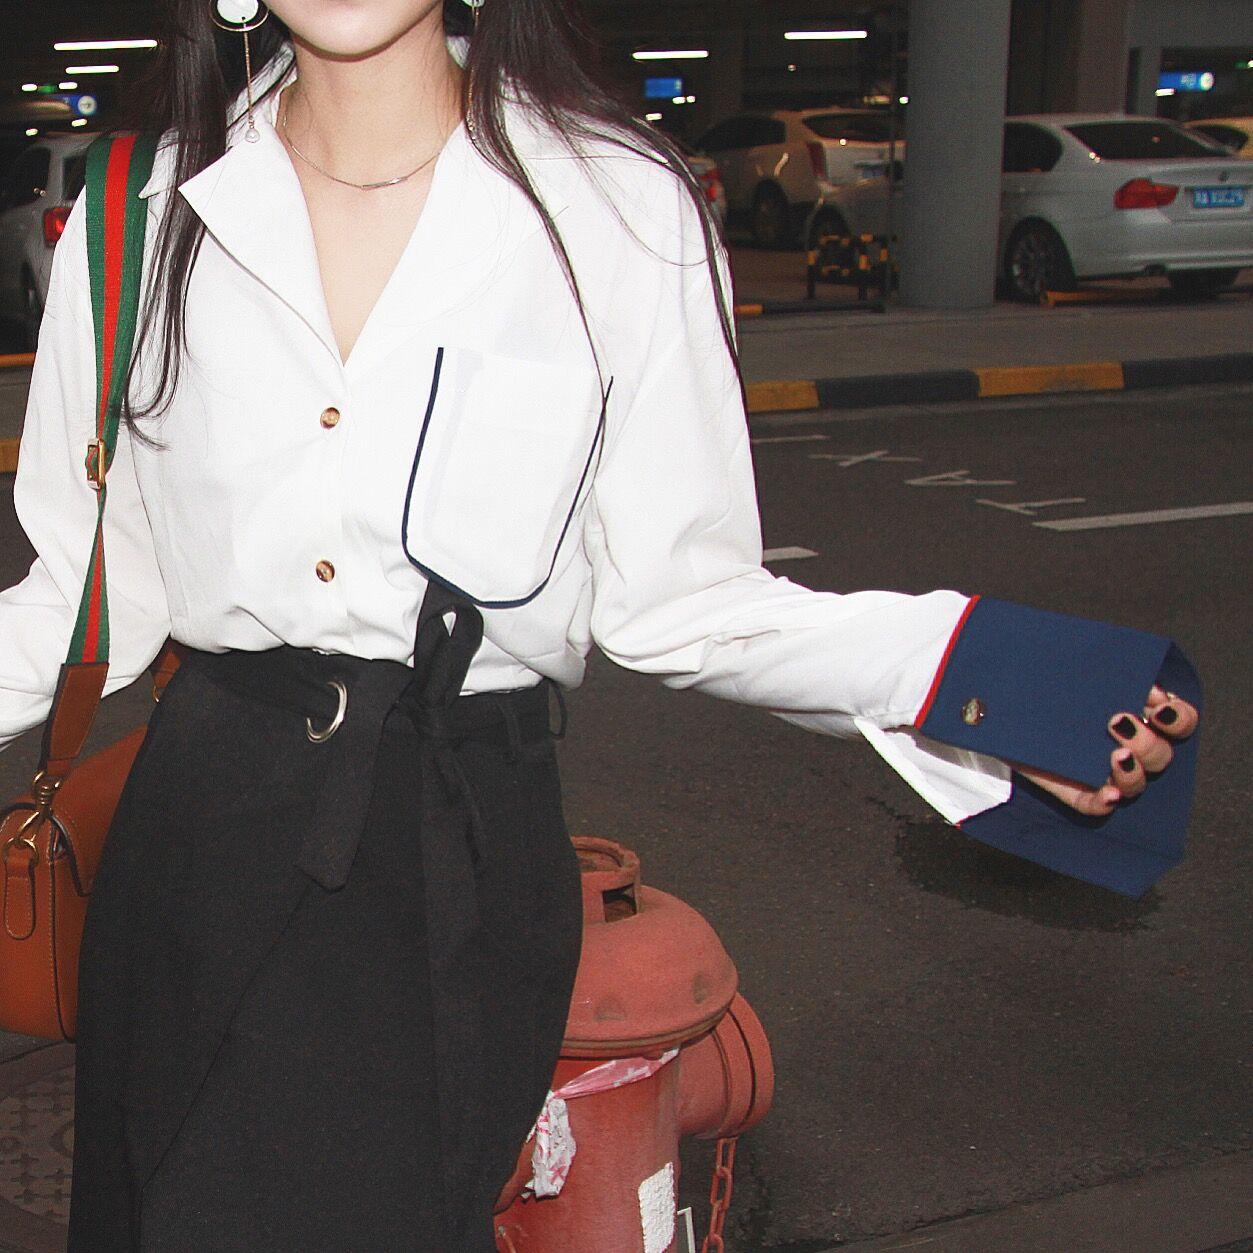 法式衬衫 韩国秋季新款睡衣风法式口袋拼色撞色水袖复古衬衫宽松大码衬衣女_推荐淘宝好看的女法 衬衫